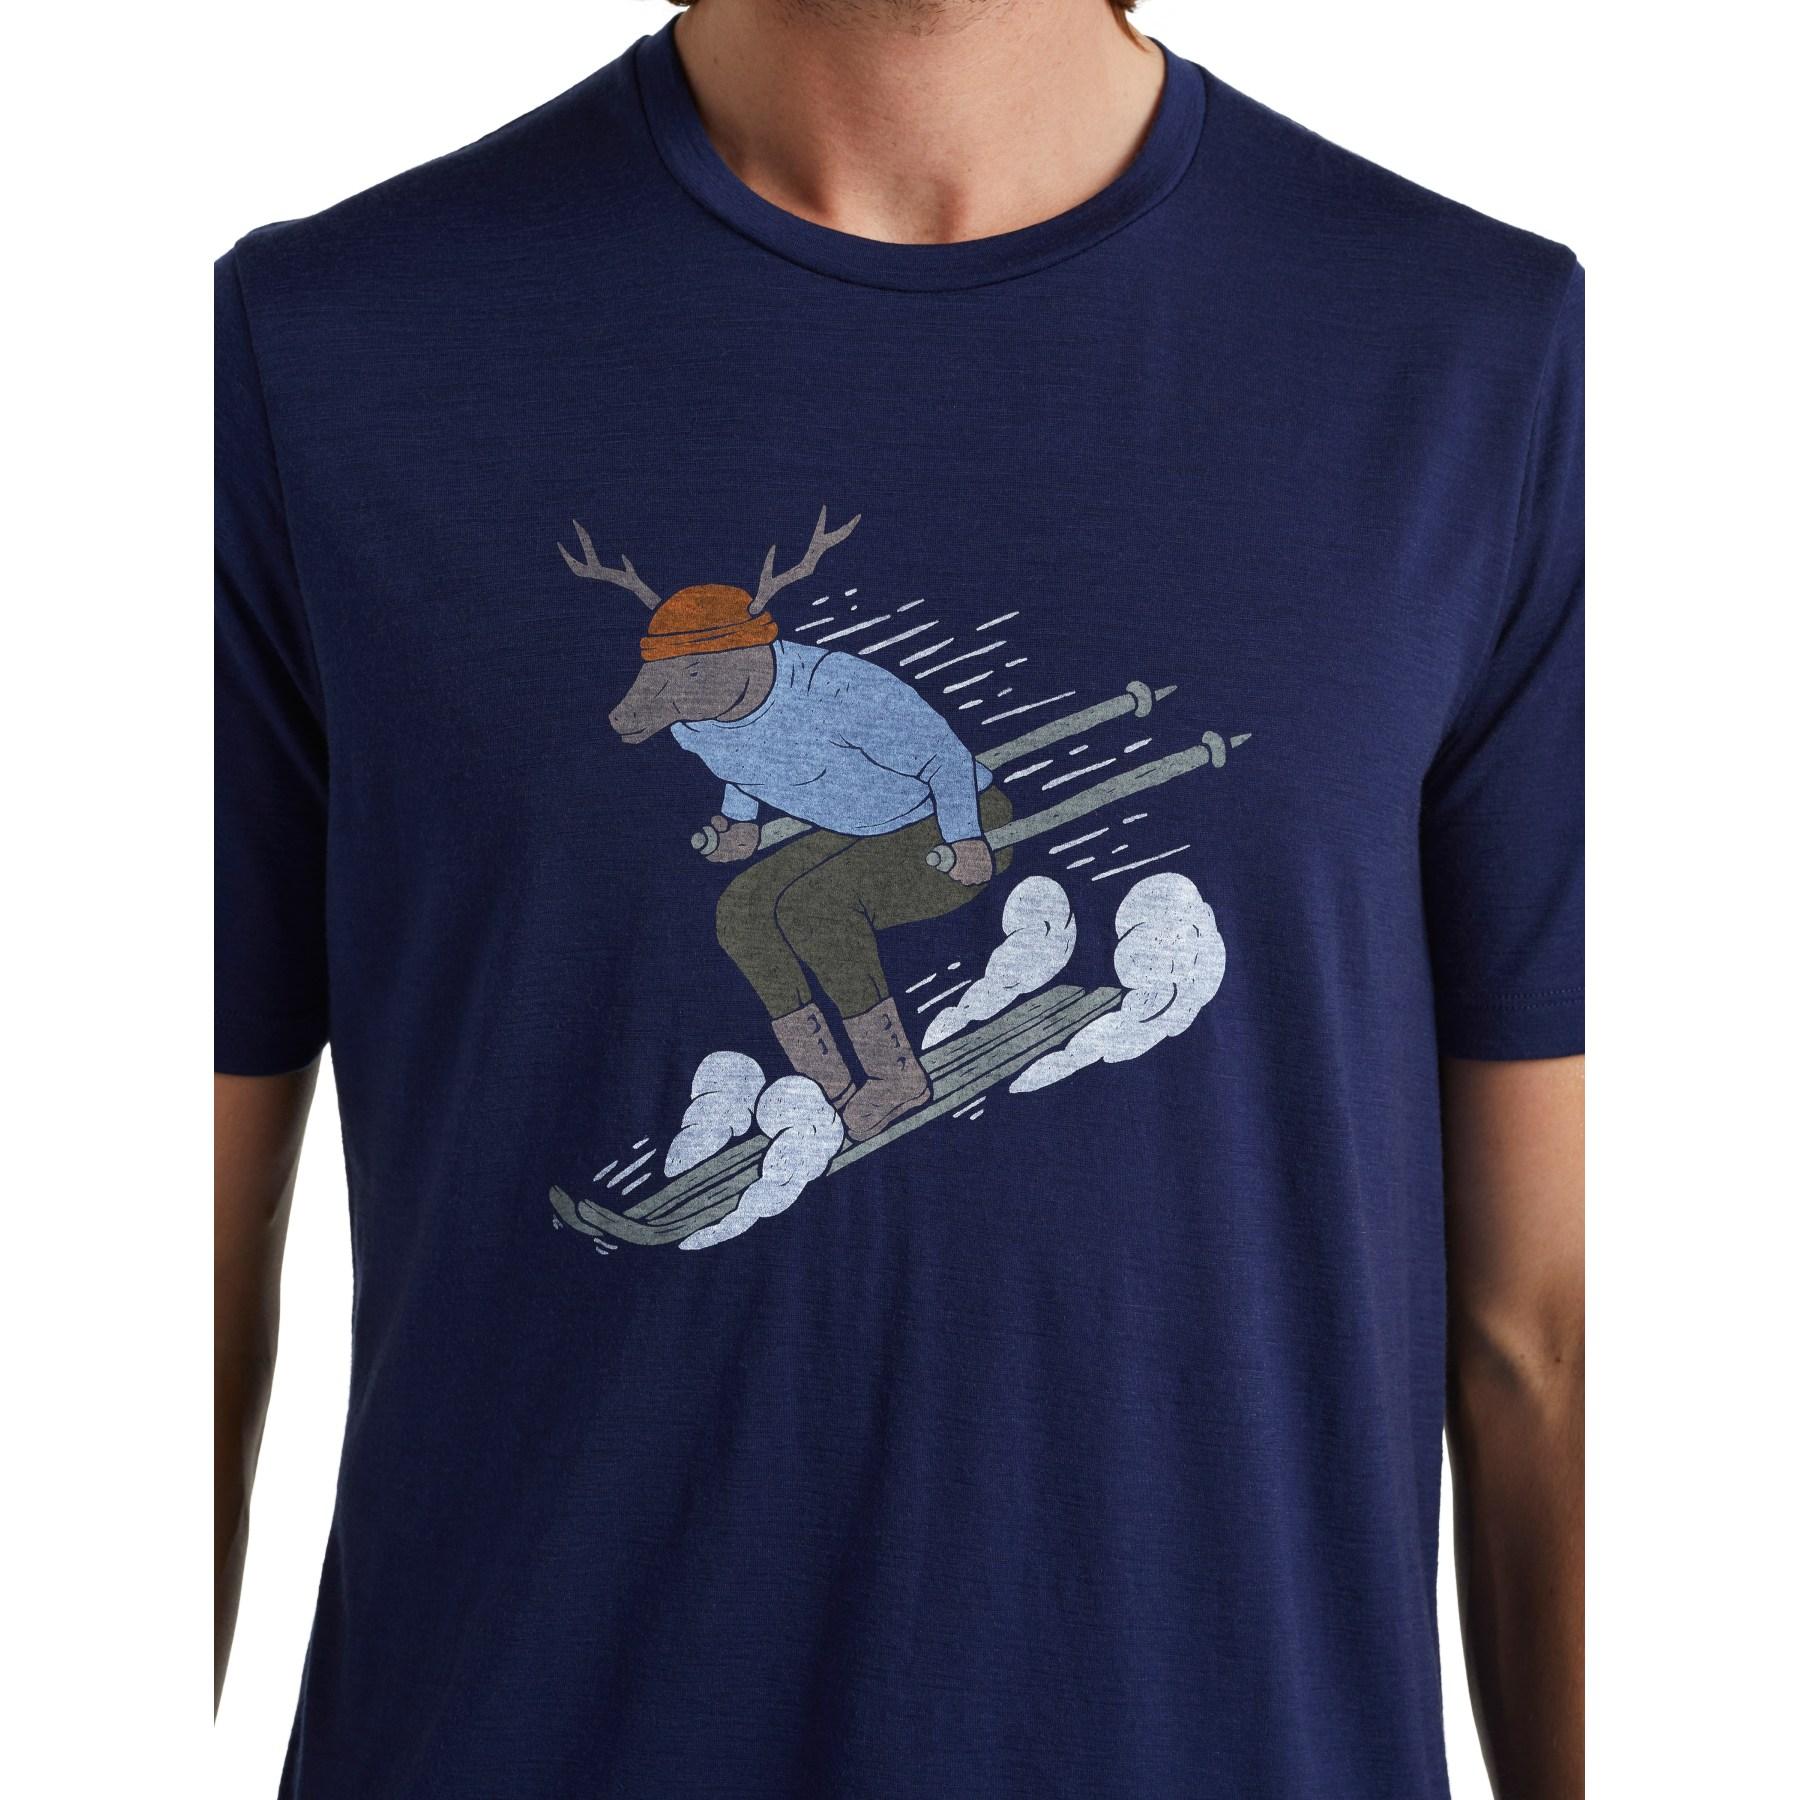 Bild von Icebreaker Tech Lite II Ski Rider Herren T-Shirt - Royal Navy